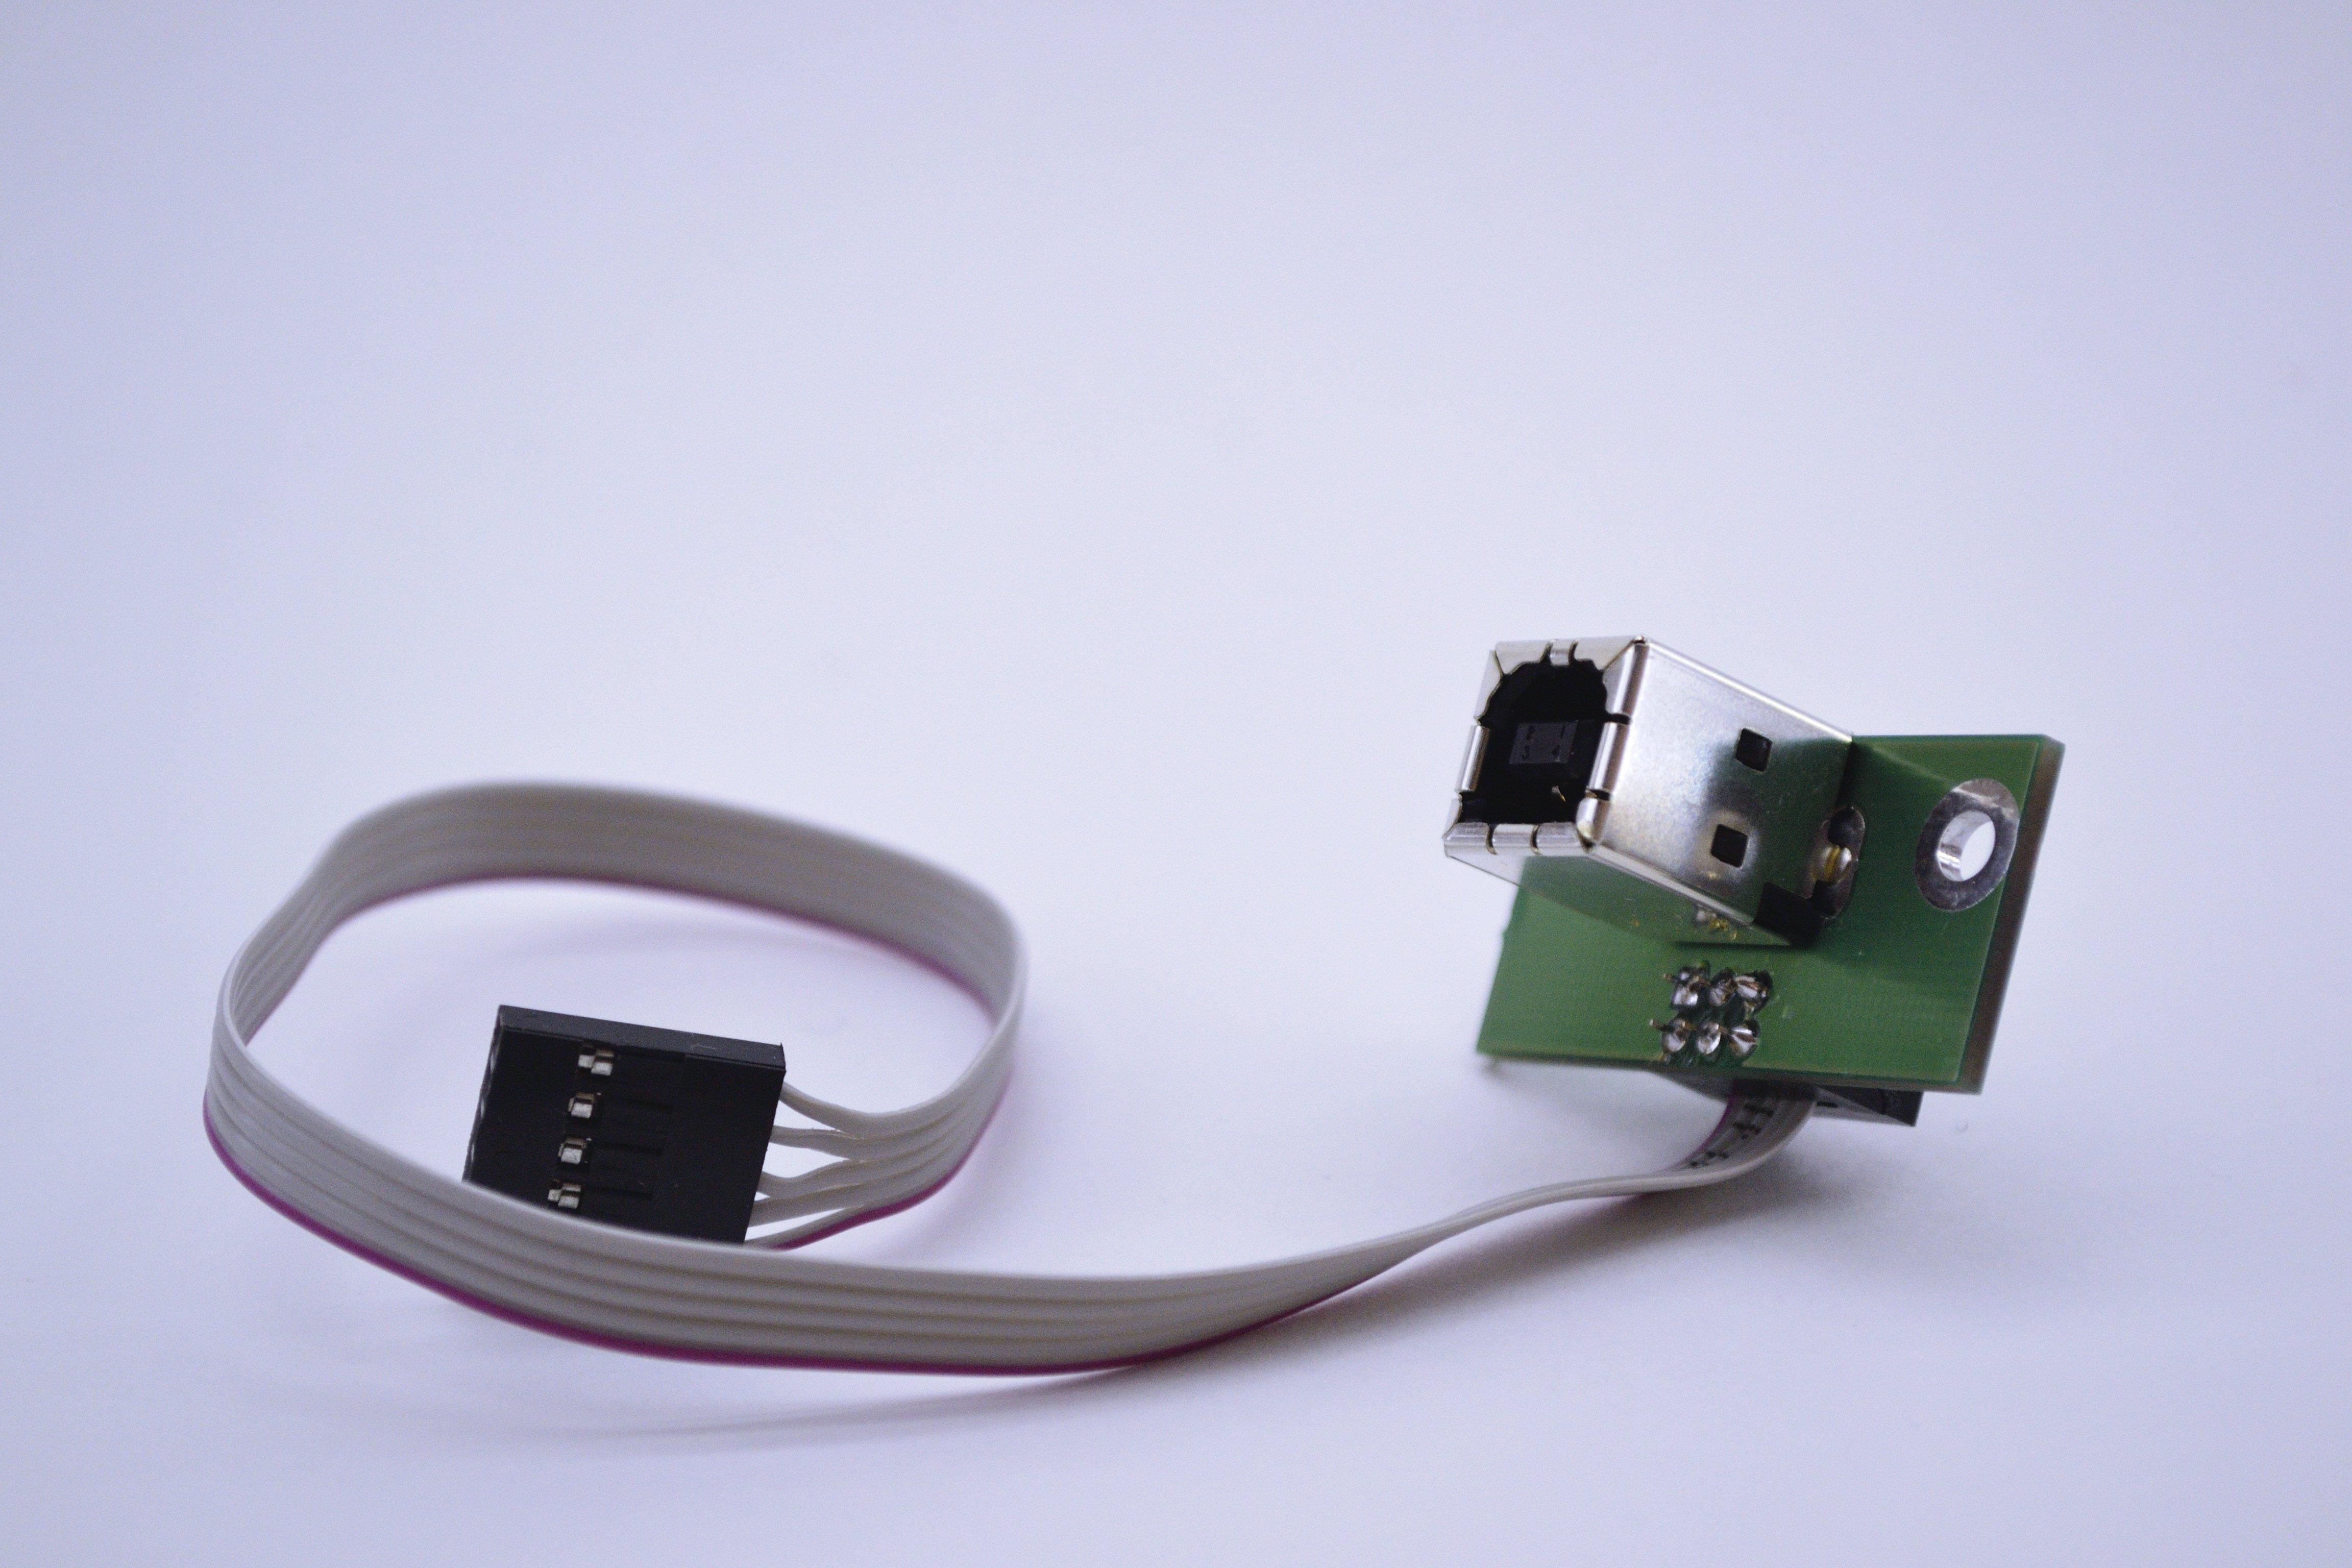 Разъем гнездо USB типа B для крепления на панель или корпус